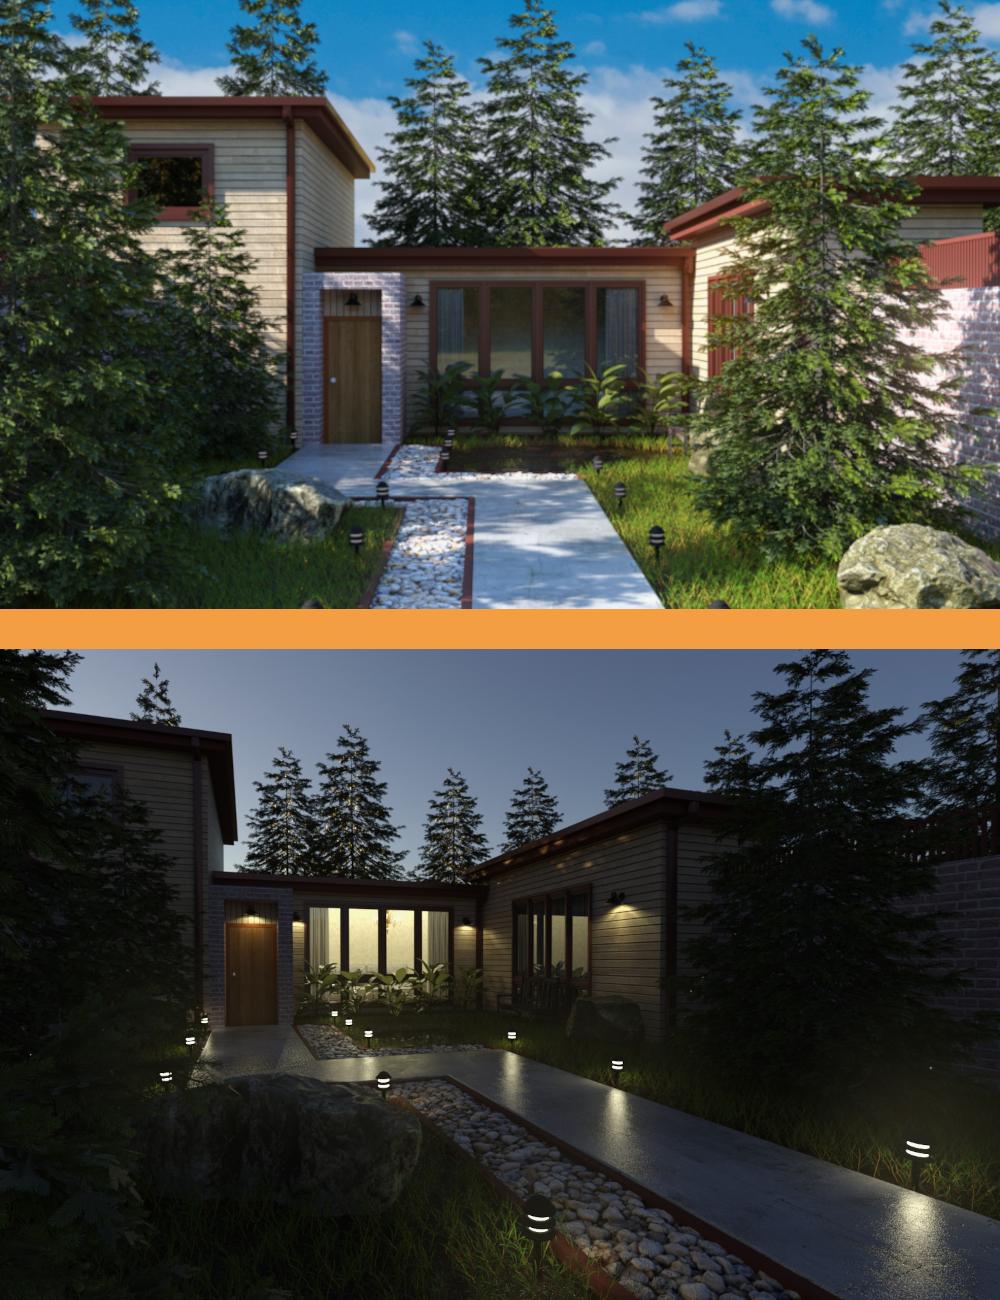 Sunrise Hangout by: Illumination, 3D Models by Daz 3D